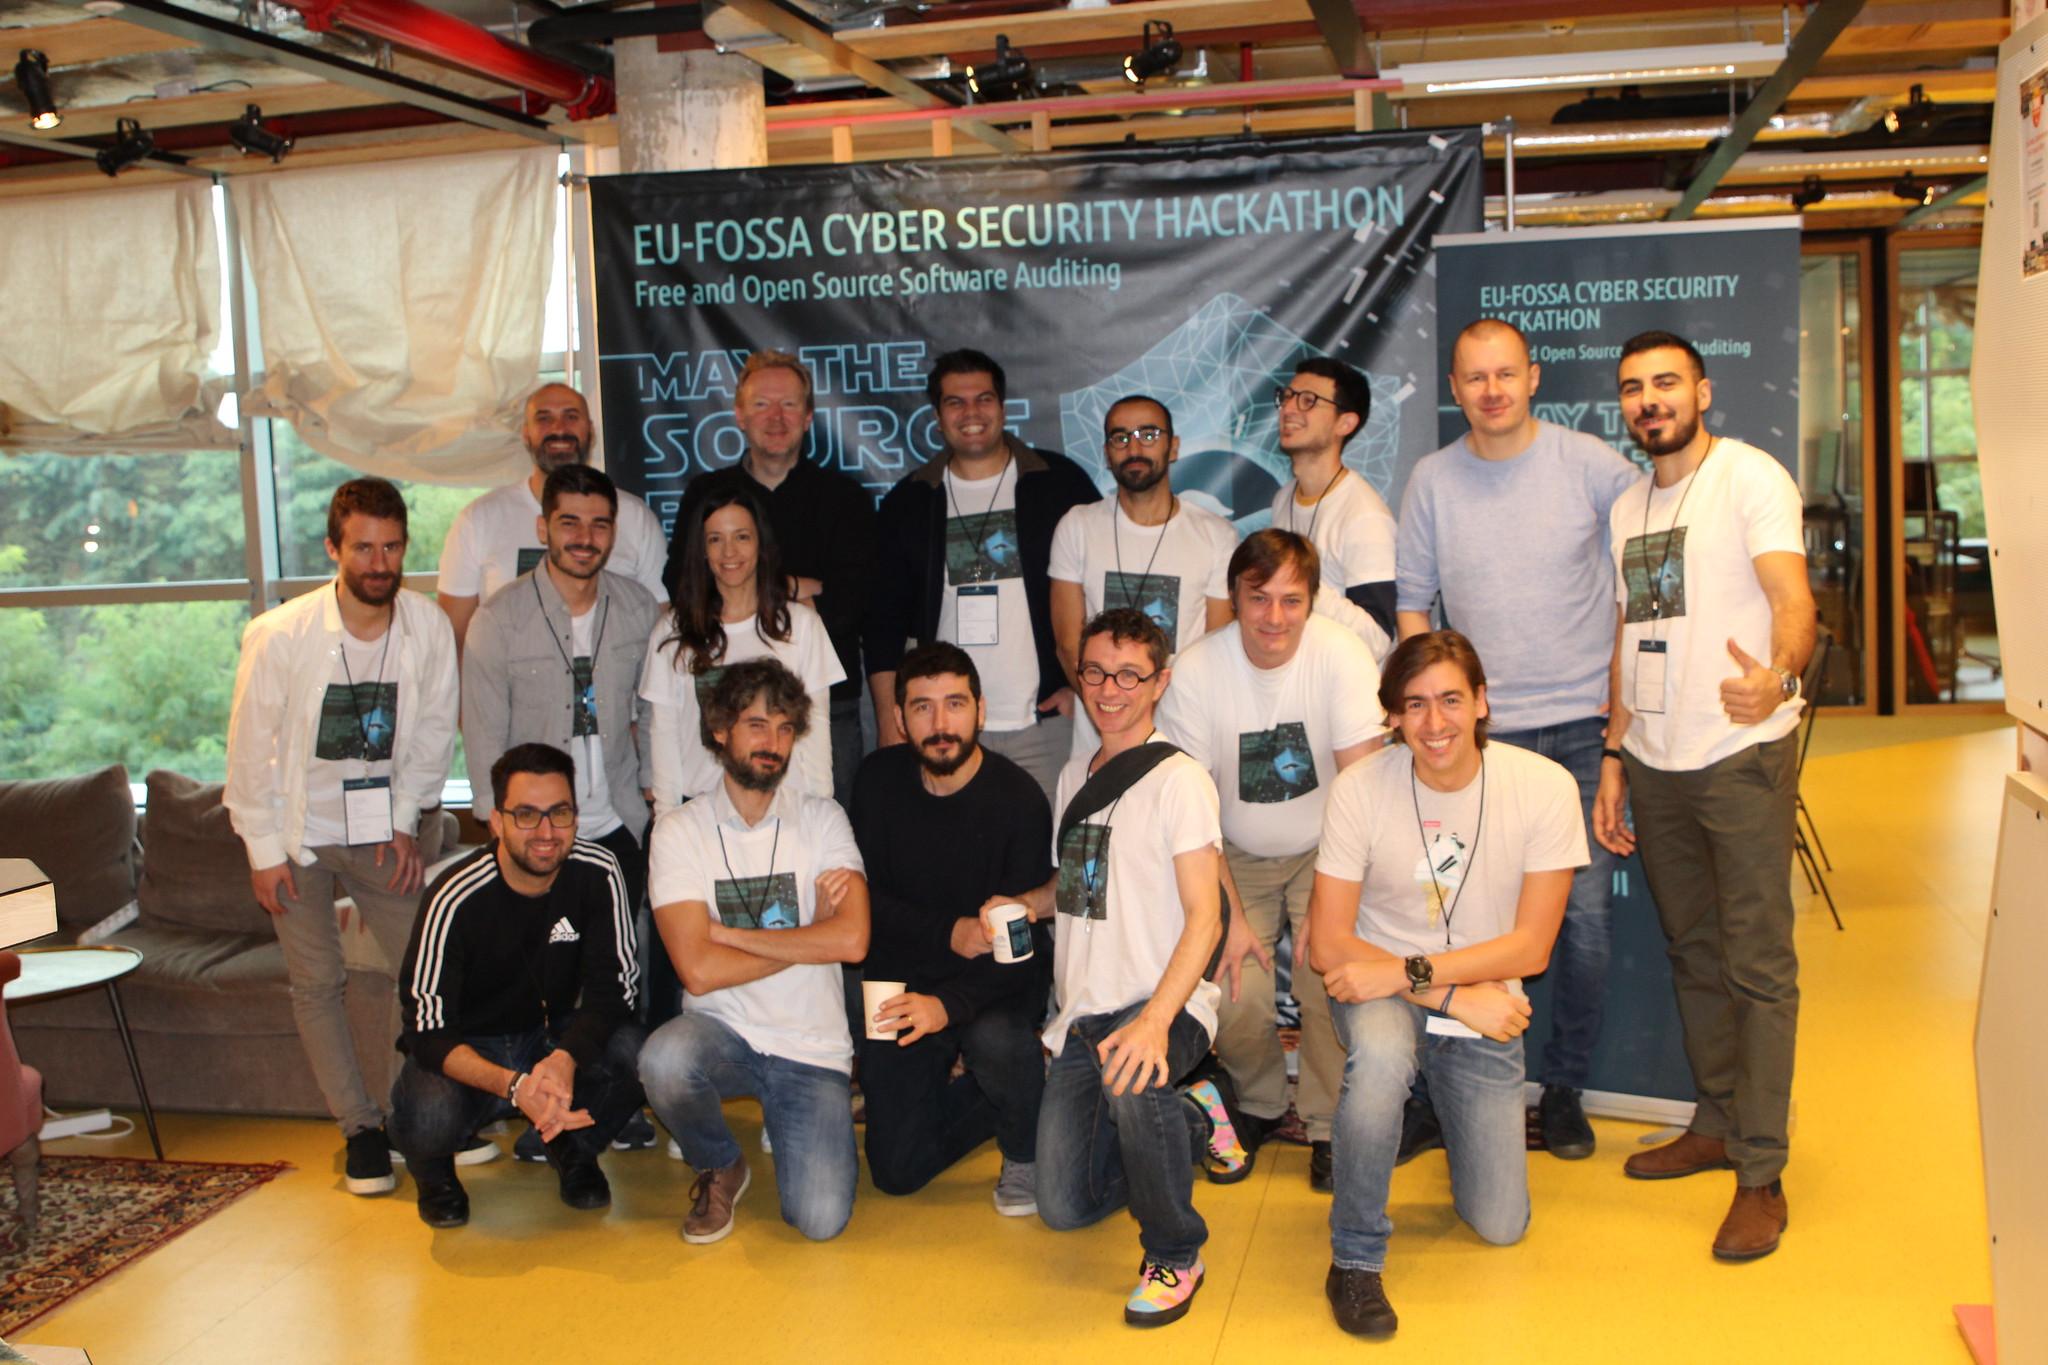 EU FOSSA 2 Hackathon Team